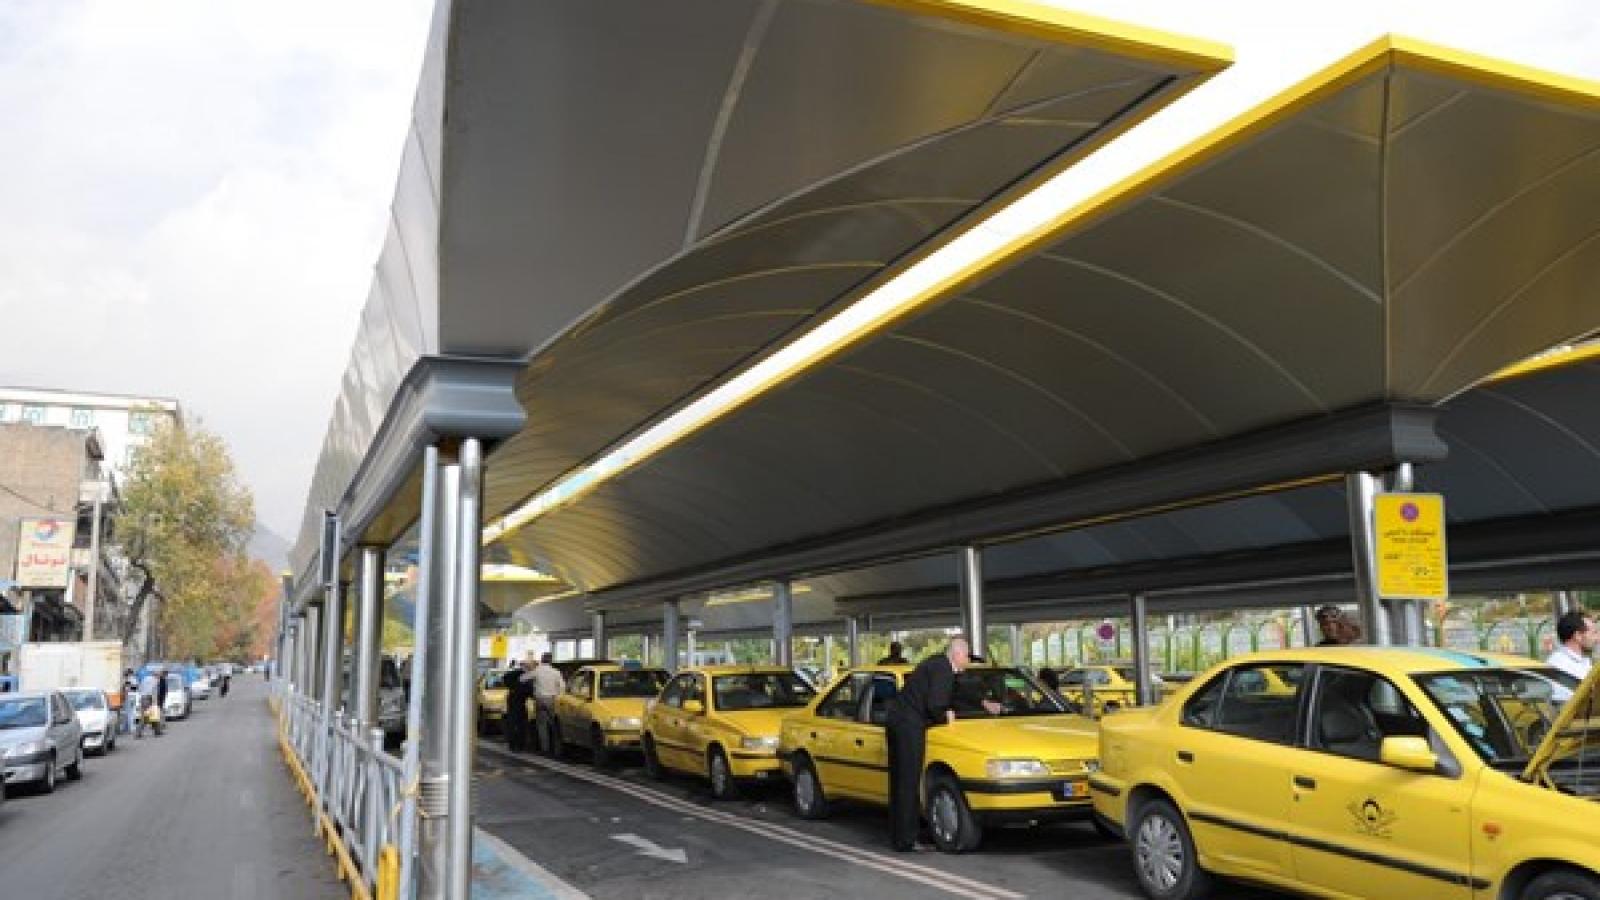 نصب تابلوهای جدید در پایانه ها و ایستگاه های اتوبوس - اجاره خودرو طباطبایی